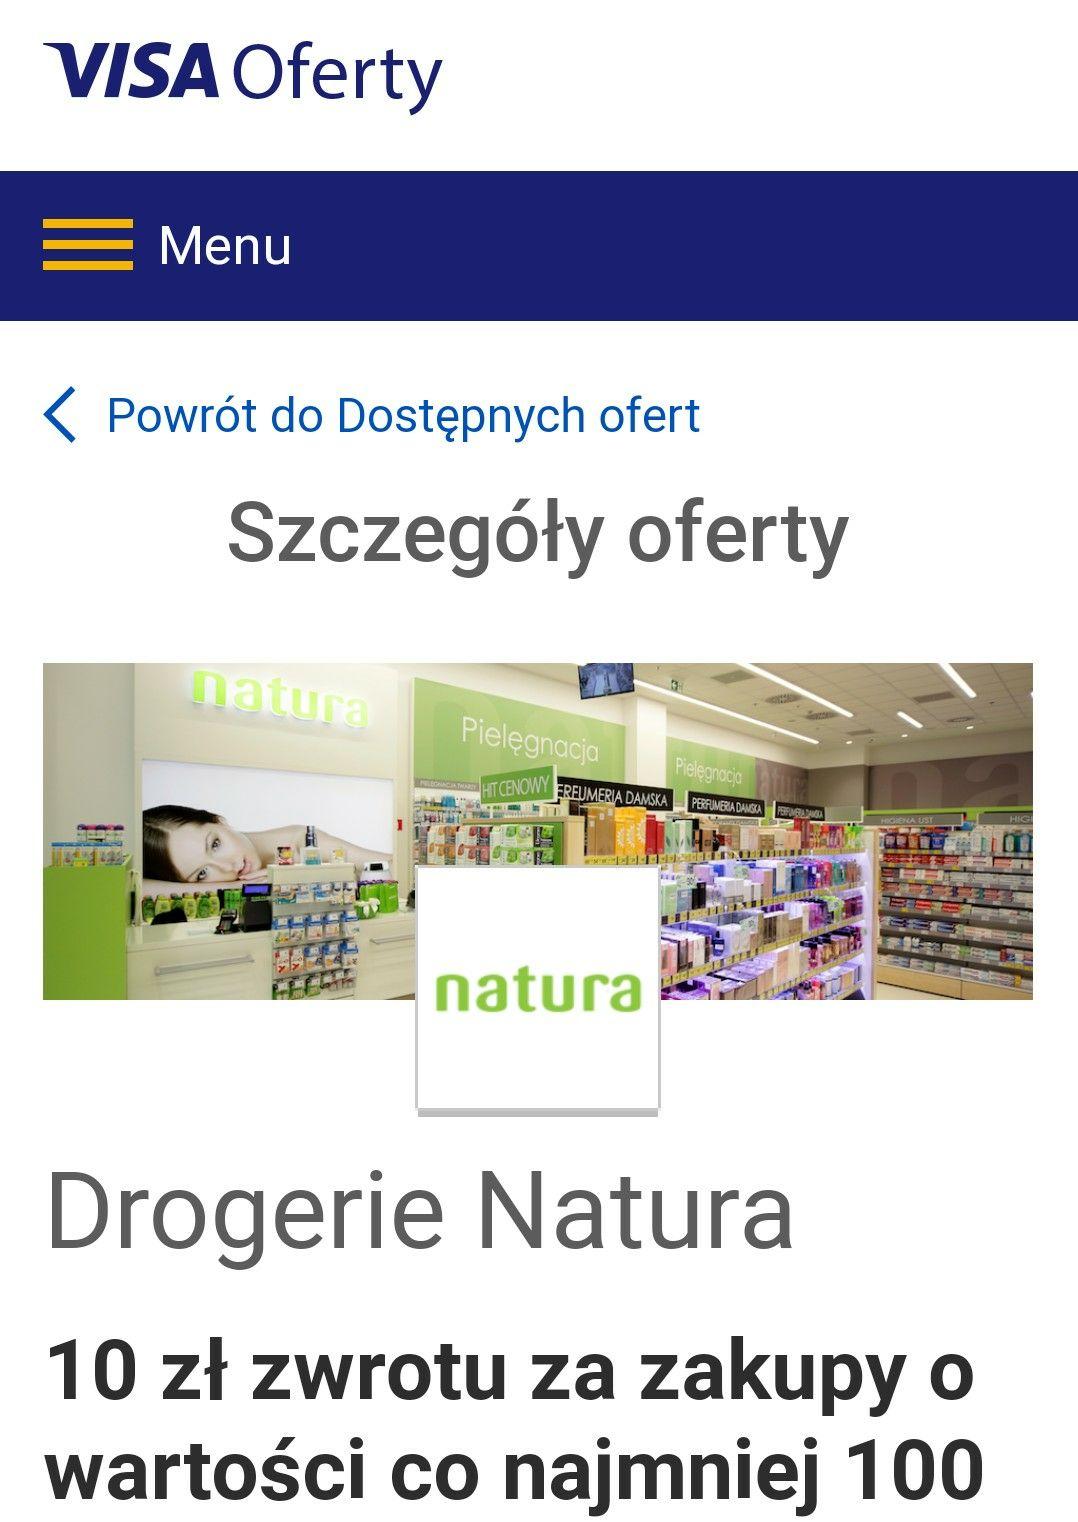 Visa oferty Drogerie Natura 10 zł zwrotu za zakupy o wartości co najmniej 100 zł